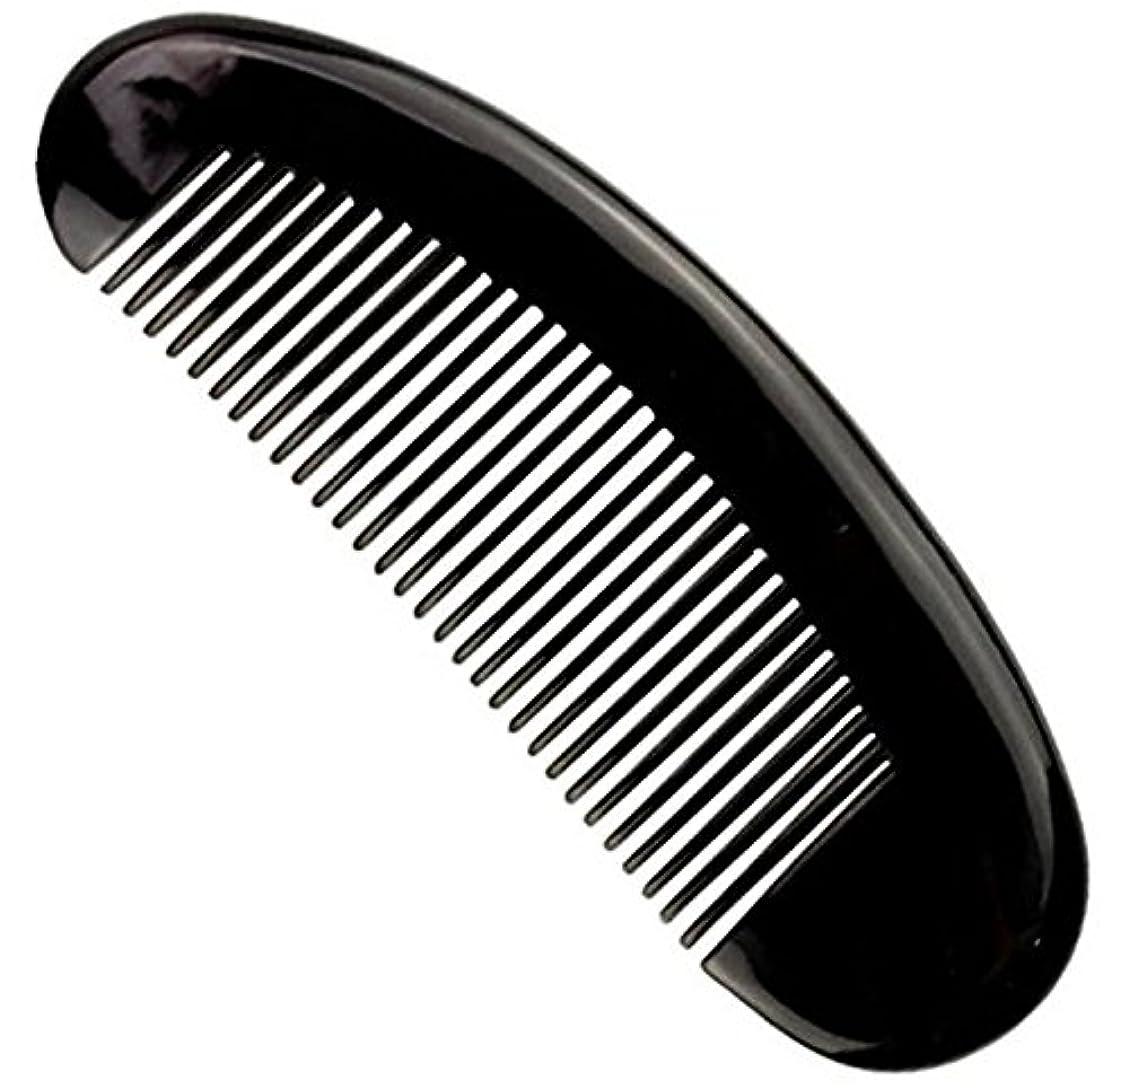 で直立接地櫛型 プロも使う牛角かっさプレー マサージ用 血行改善 高級 天然 静電気防止 美髪 美顔 ボディ リンパマッサージ